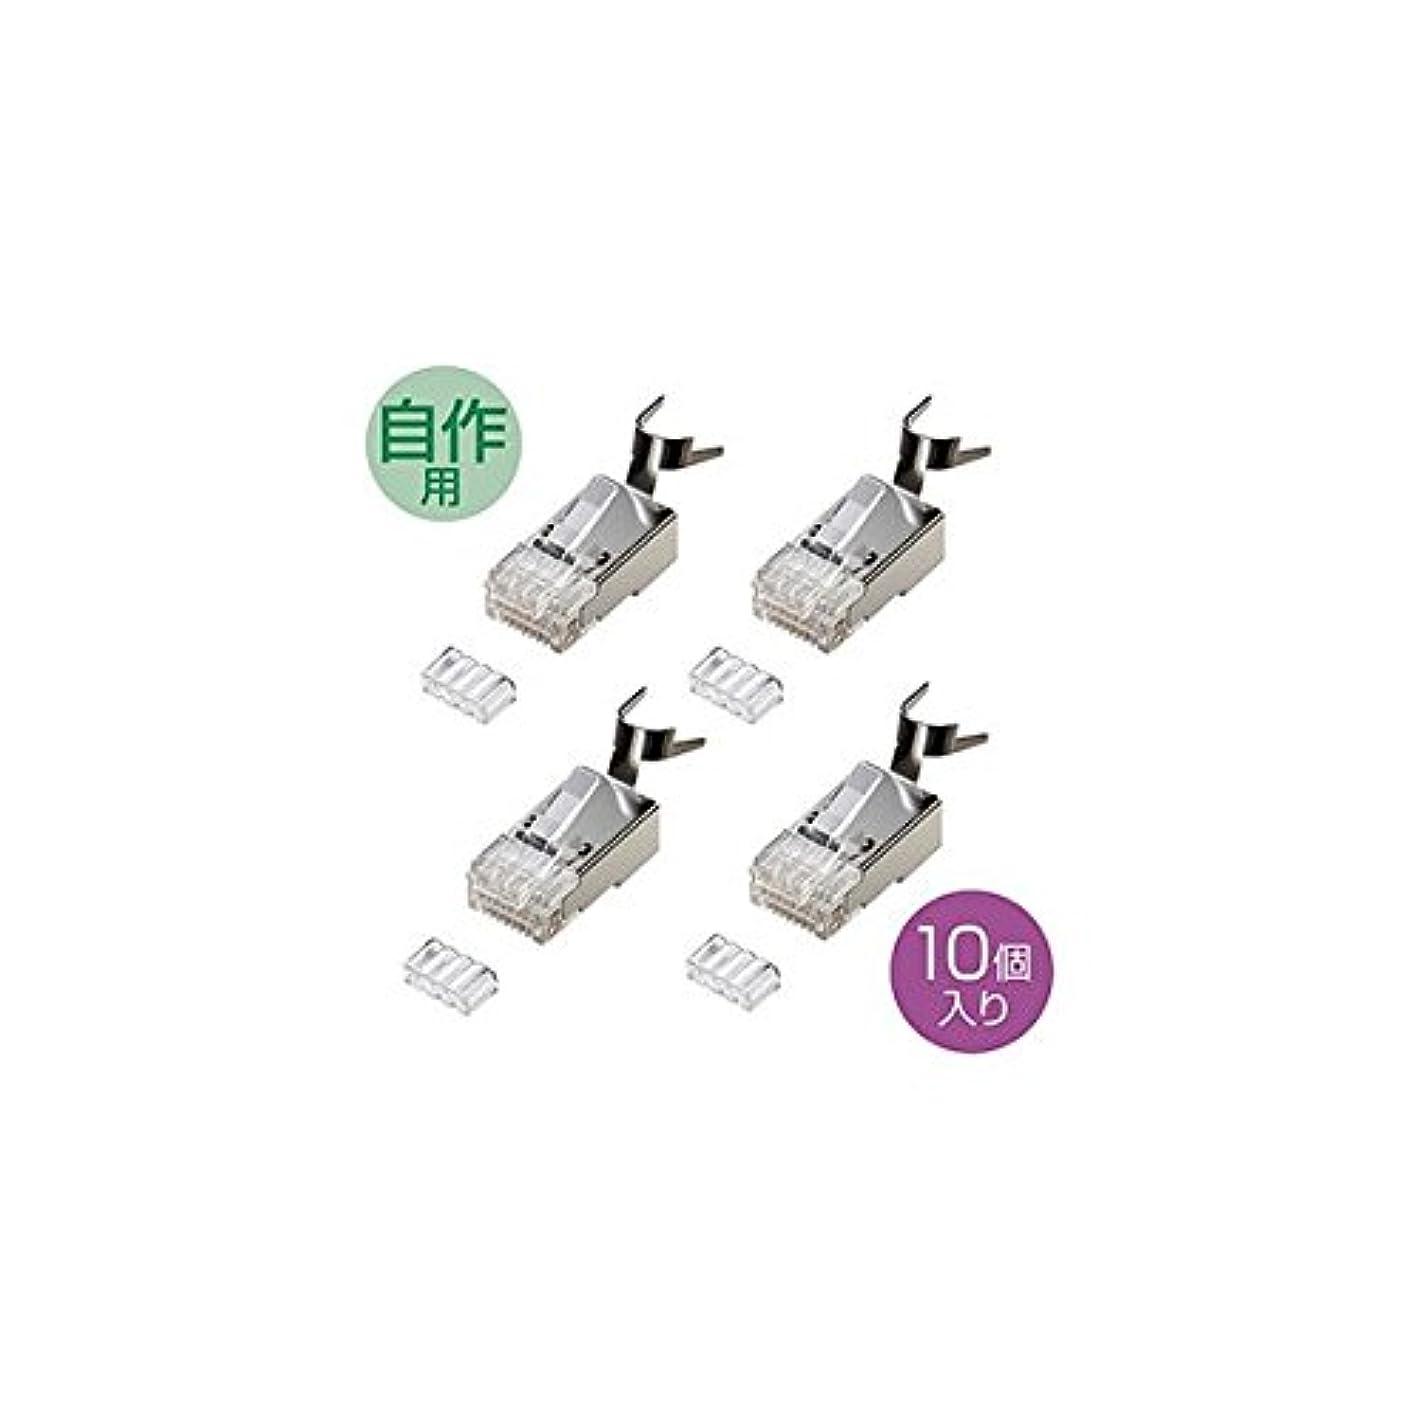 無線乳製品議題サンワサプライ:POEカテゴリ6RJ-45コネクタ ADT-6RJPOE-10